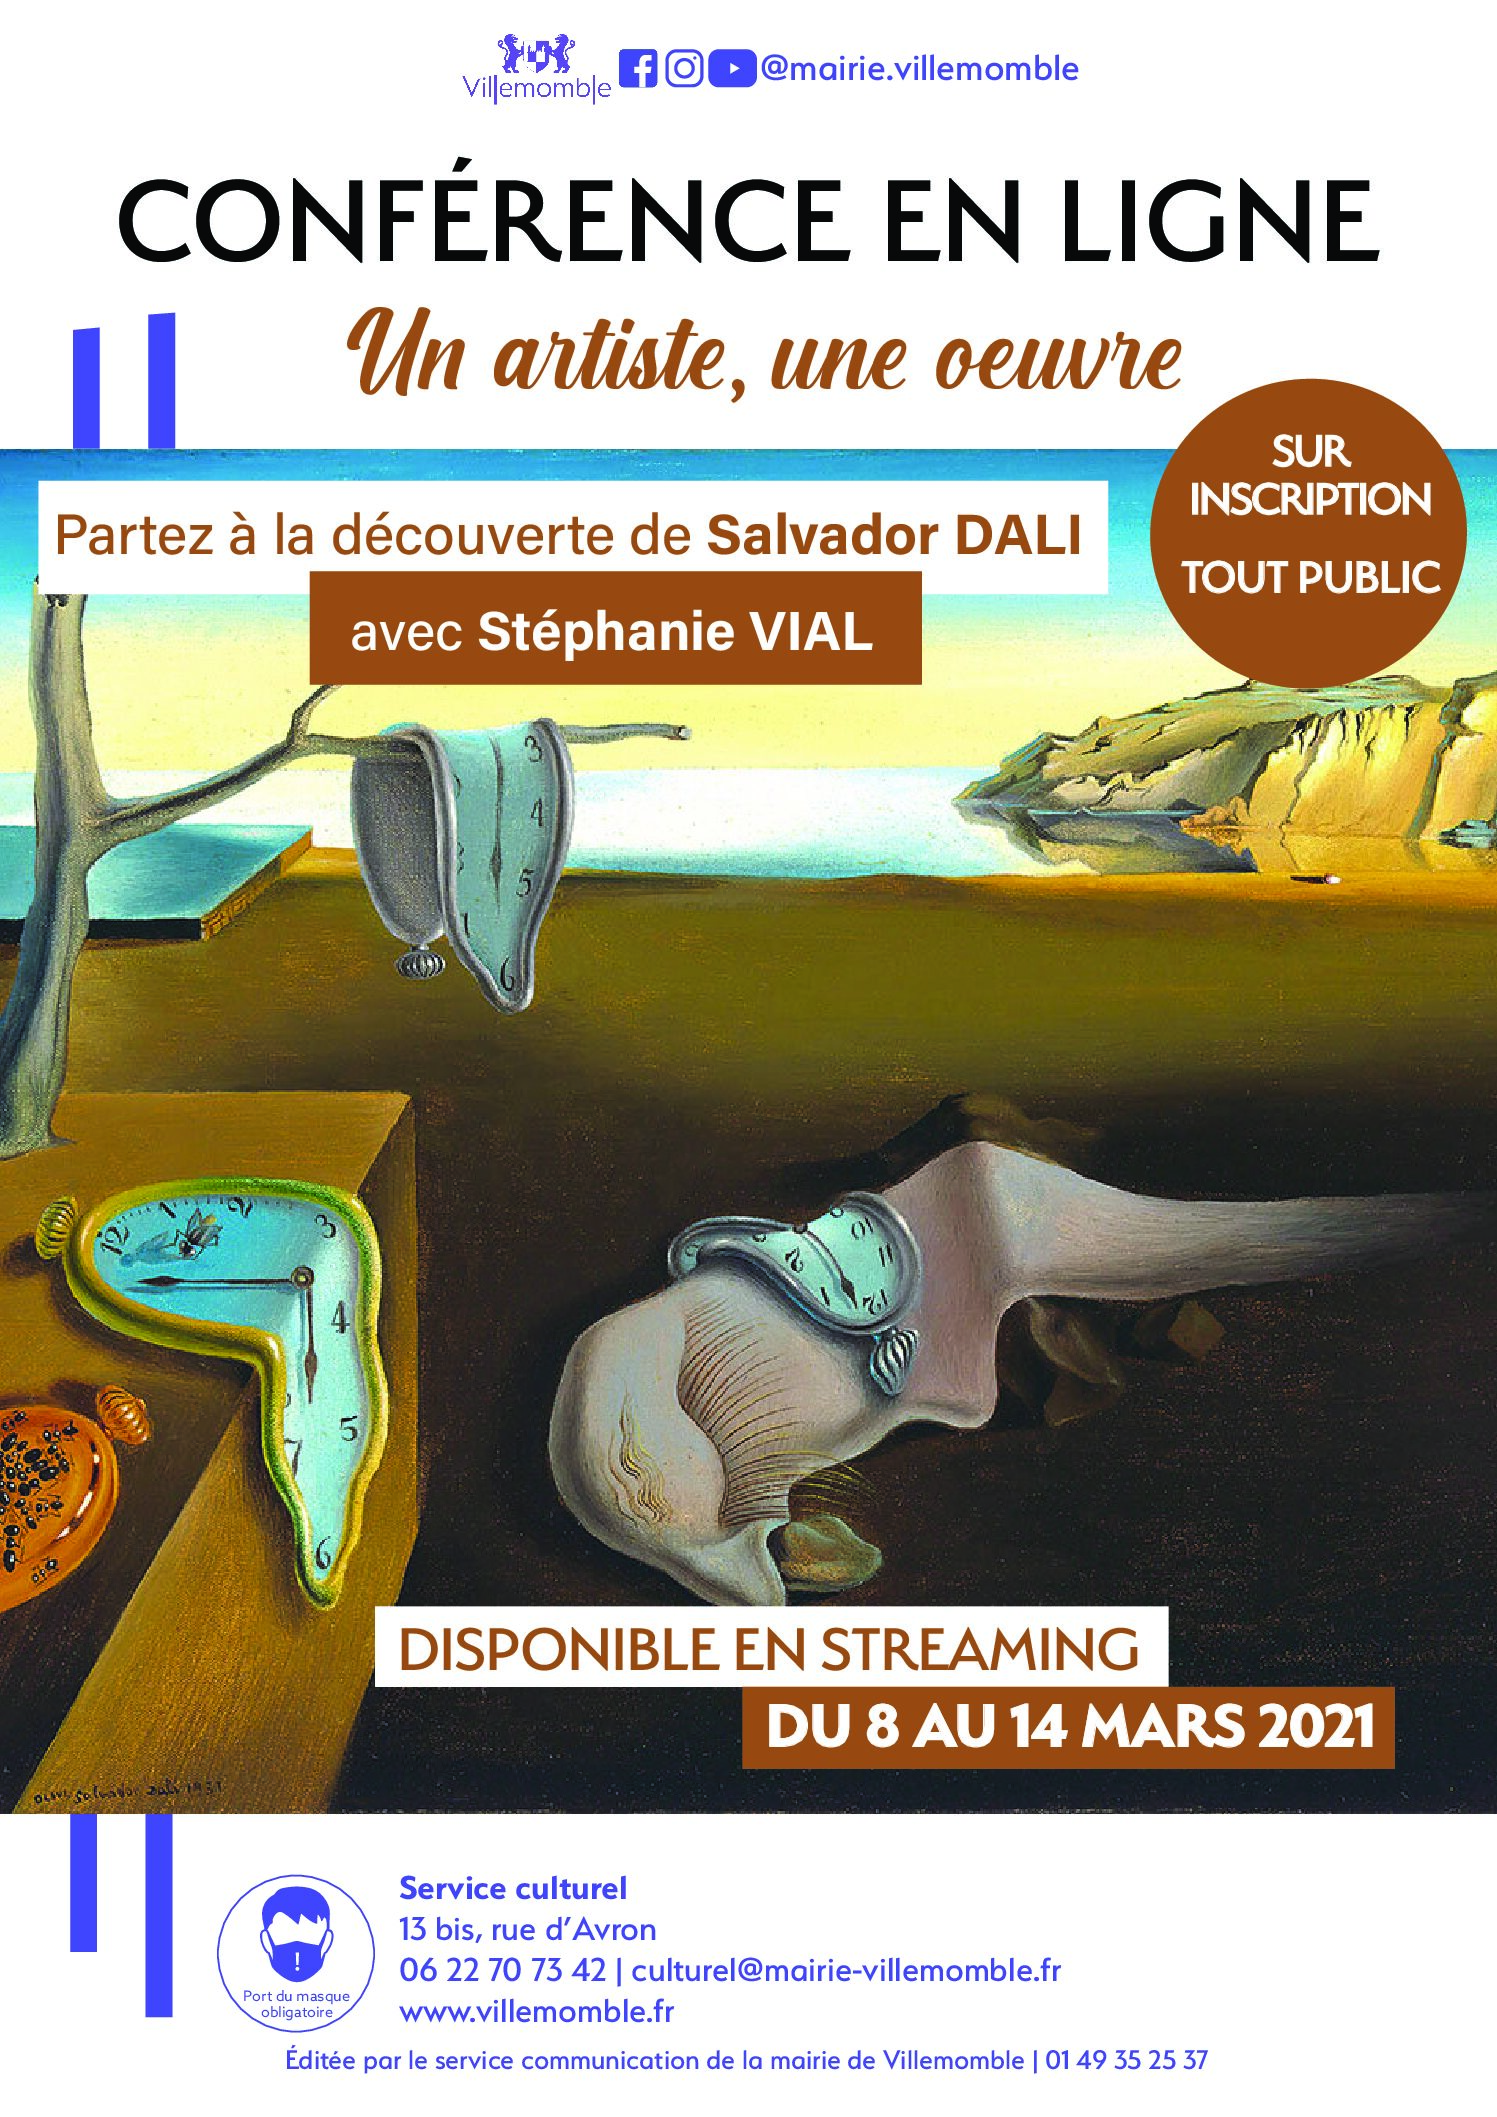 !! NOUVEAUTE !! CONFERENCE EN LIGNE : Partenariat avec la Mairie de Villemomble : Un artiste / Une œuvre